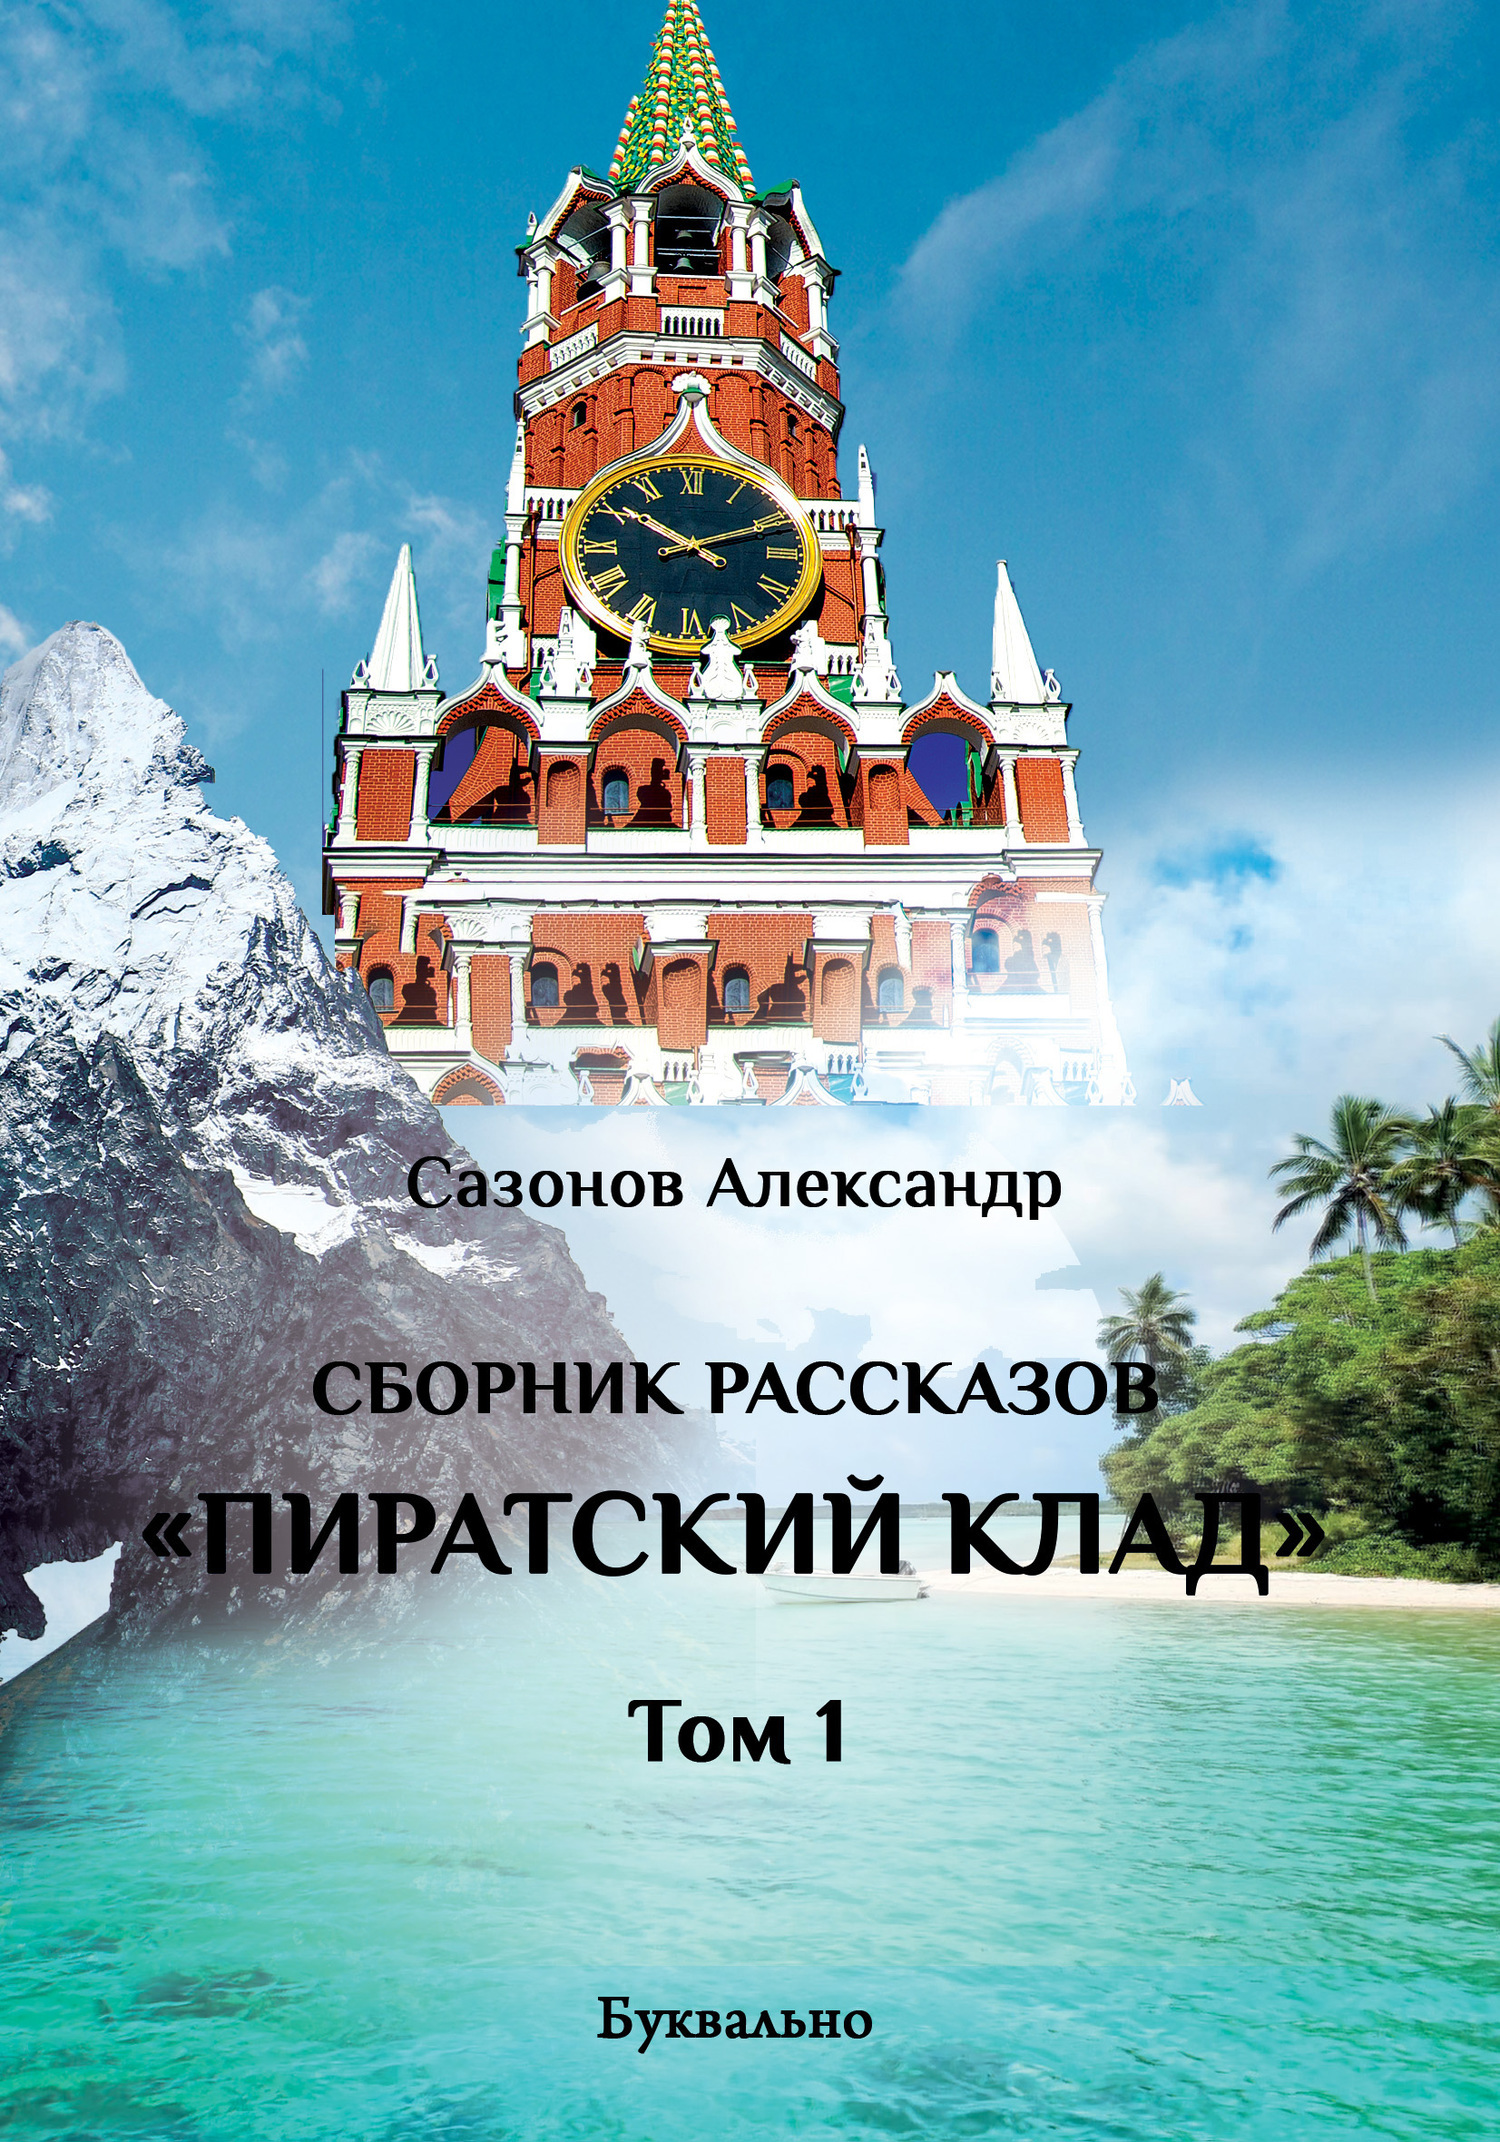 Сборник рассказов. Том I. Пиратский клад